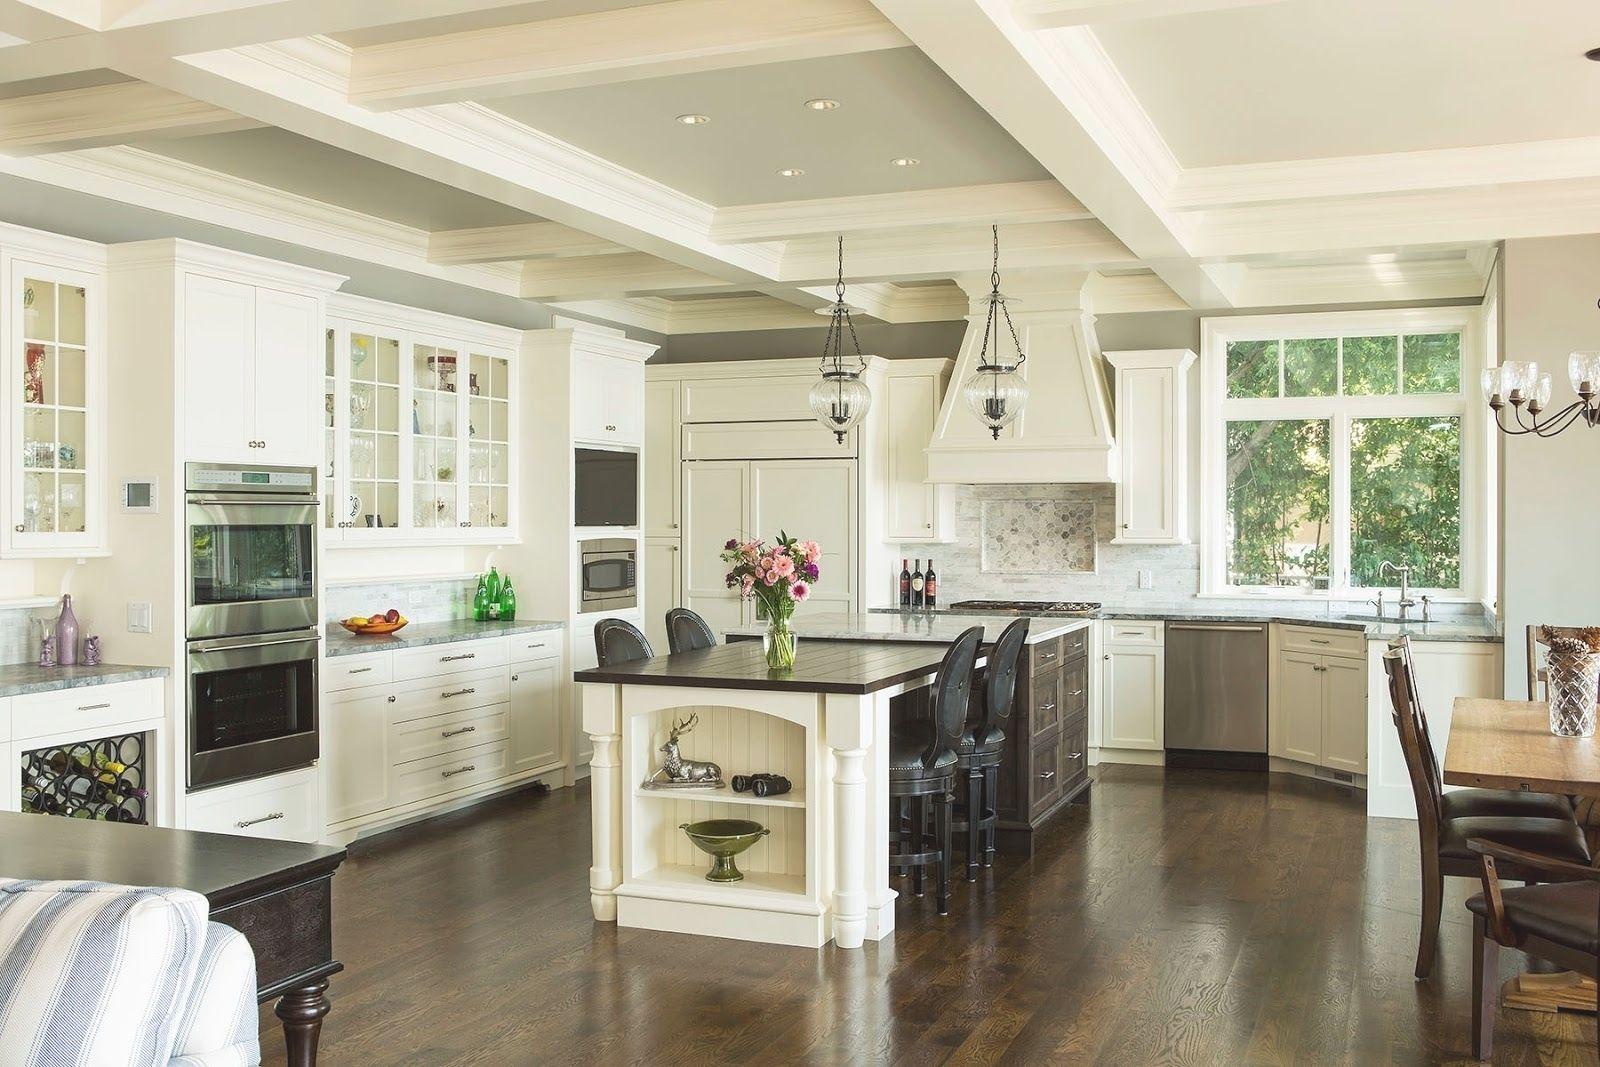 Open kitchen ideas with island kitchen design within open kitchen